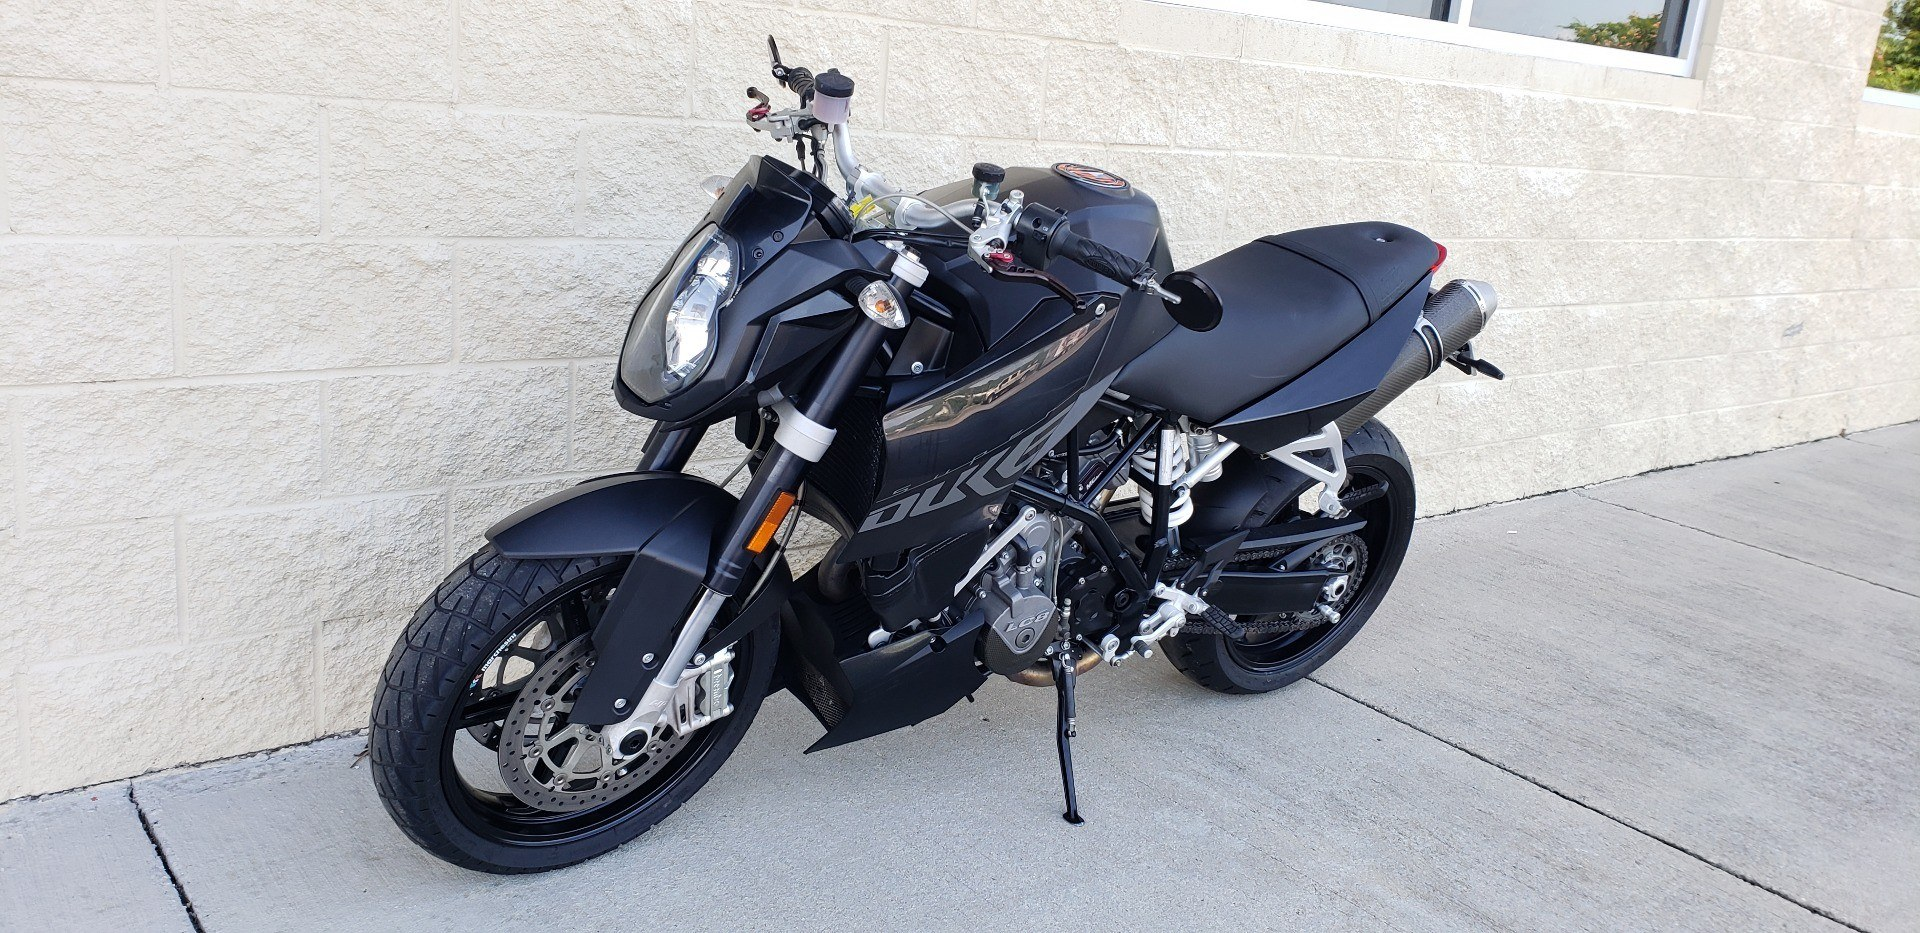 2008 KTM 990 Super Duke 2